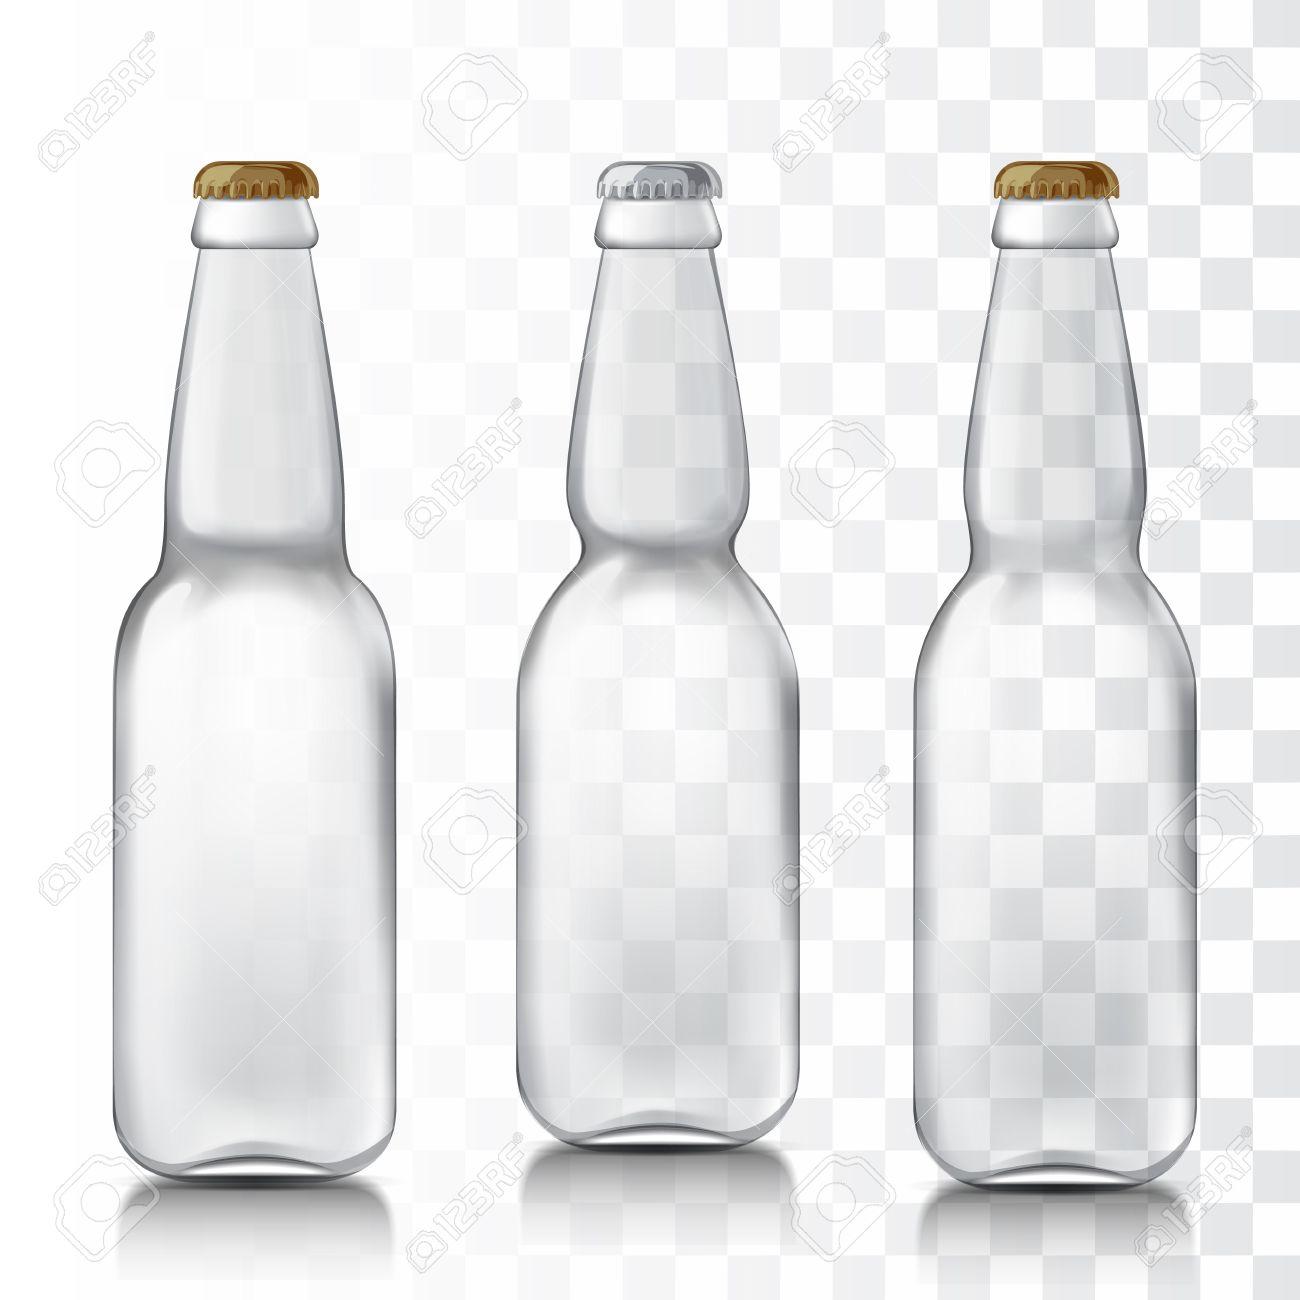 Wunderbar Flasche Wrapper Vorlage Fotos - Beispielzusammenfassung ...